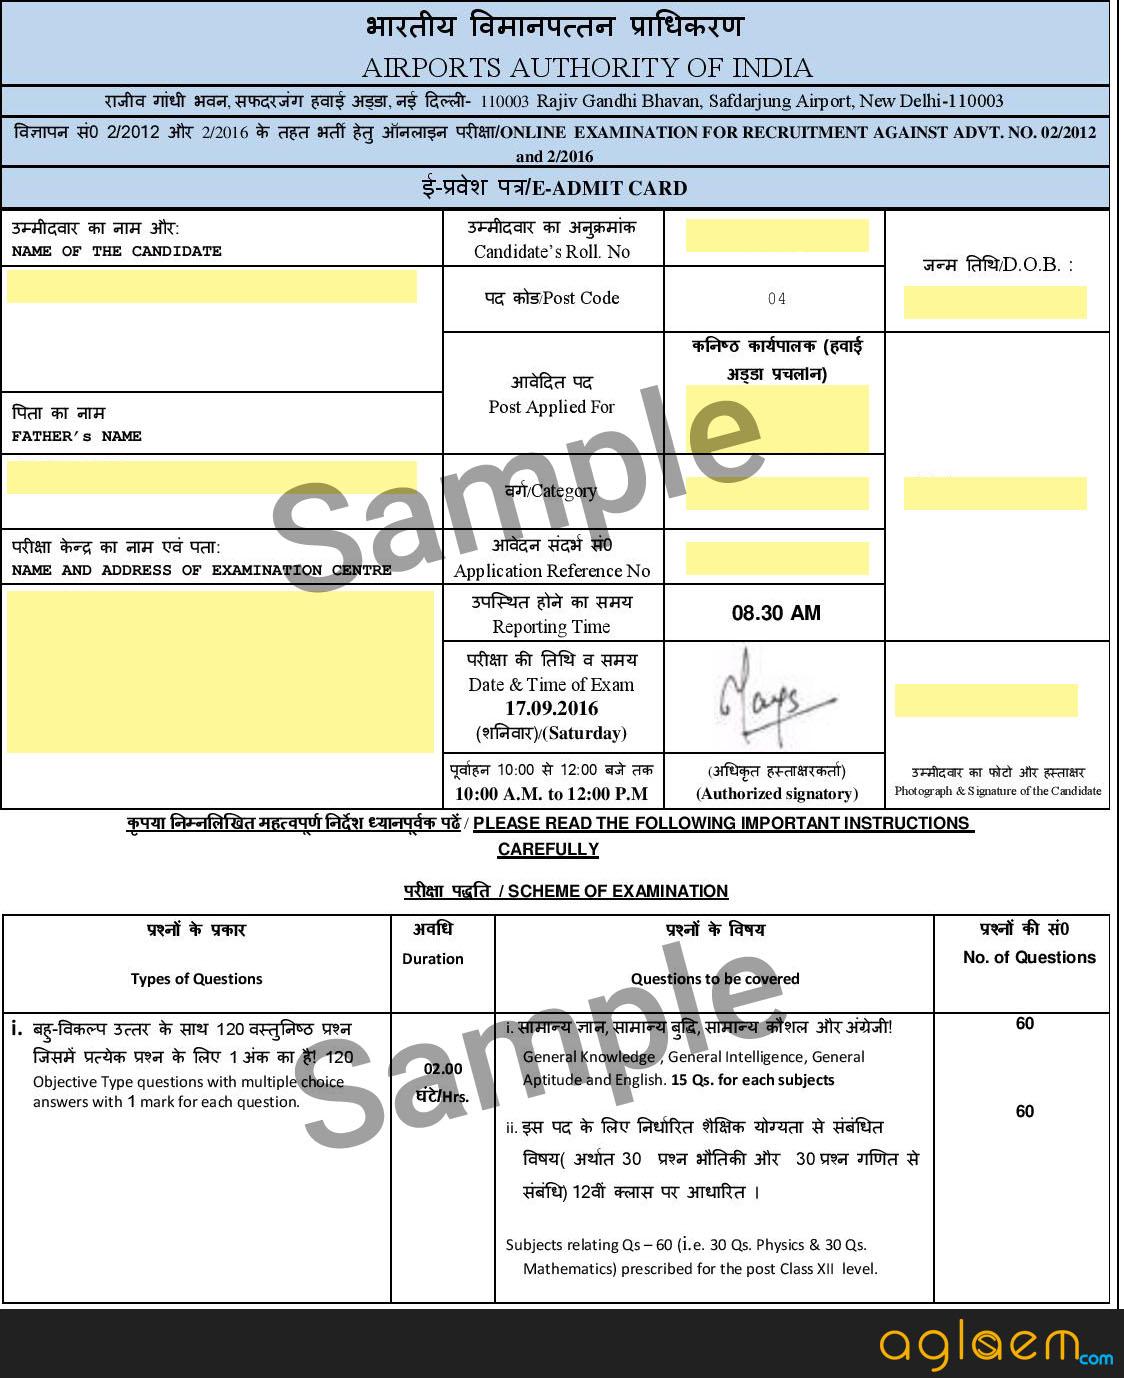 AAI Junior Executive Admit Card 2016